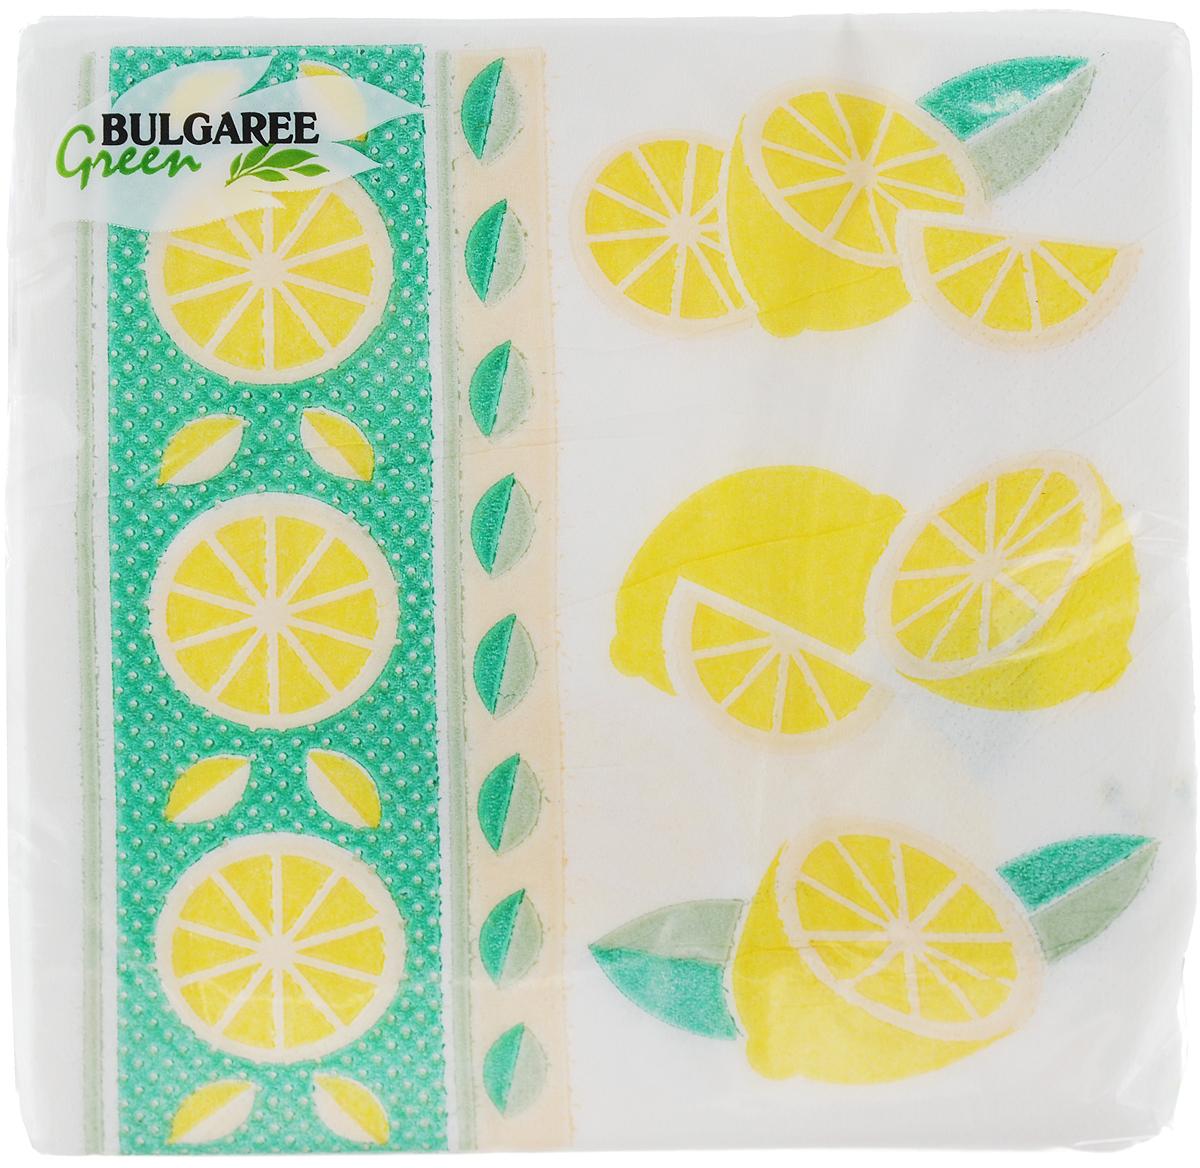 Салфетки бумажные Bulgaree Green Лимон, однослойные, 24 х 24 см, 100 шт101620_ЛимонДекоративные однослойные салфетки Bulgaree Green Лимон выполнены из 100% целлюлозы европейского качества и оформлены ярким рисунком. Изделия станут отличным дополнением любого праздничного стола. Они отличаются необычной мягкостью, прочностью и оригинальностью. Размер салфеток в развернутом виде: 24 х 24 см.